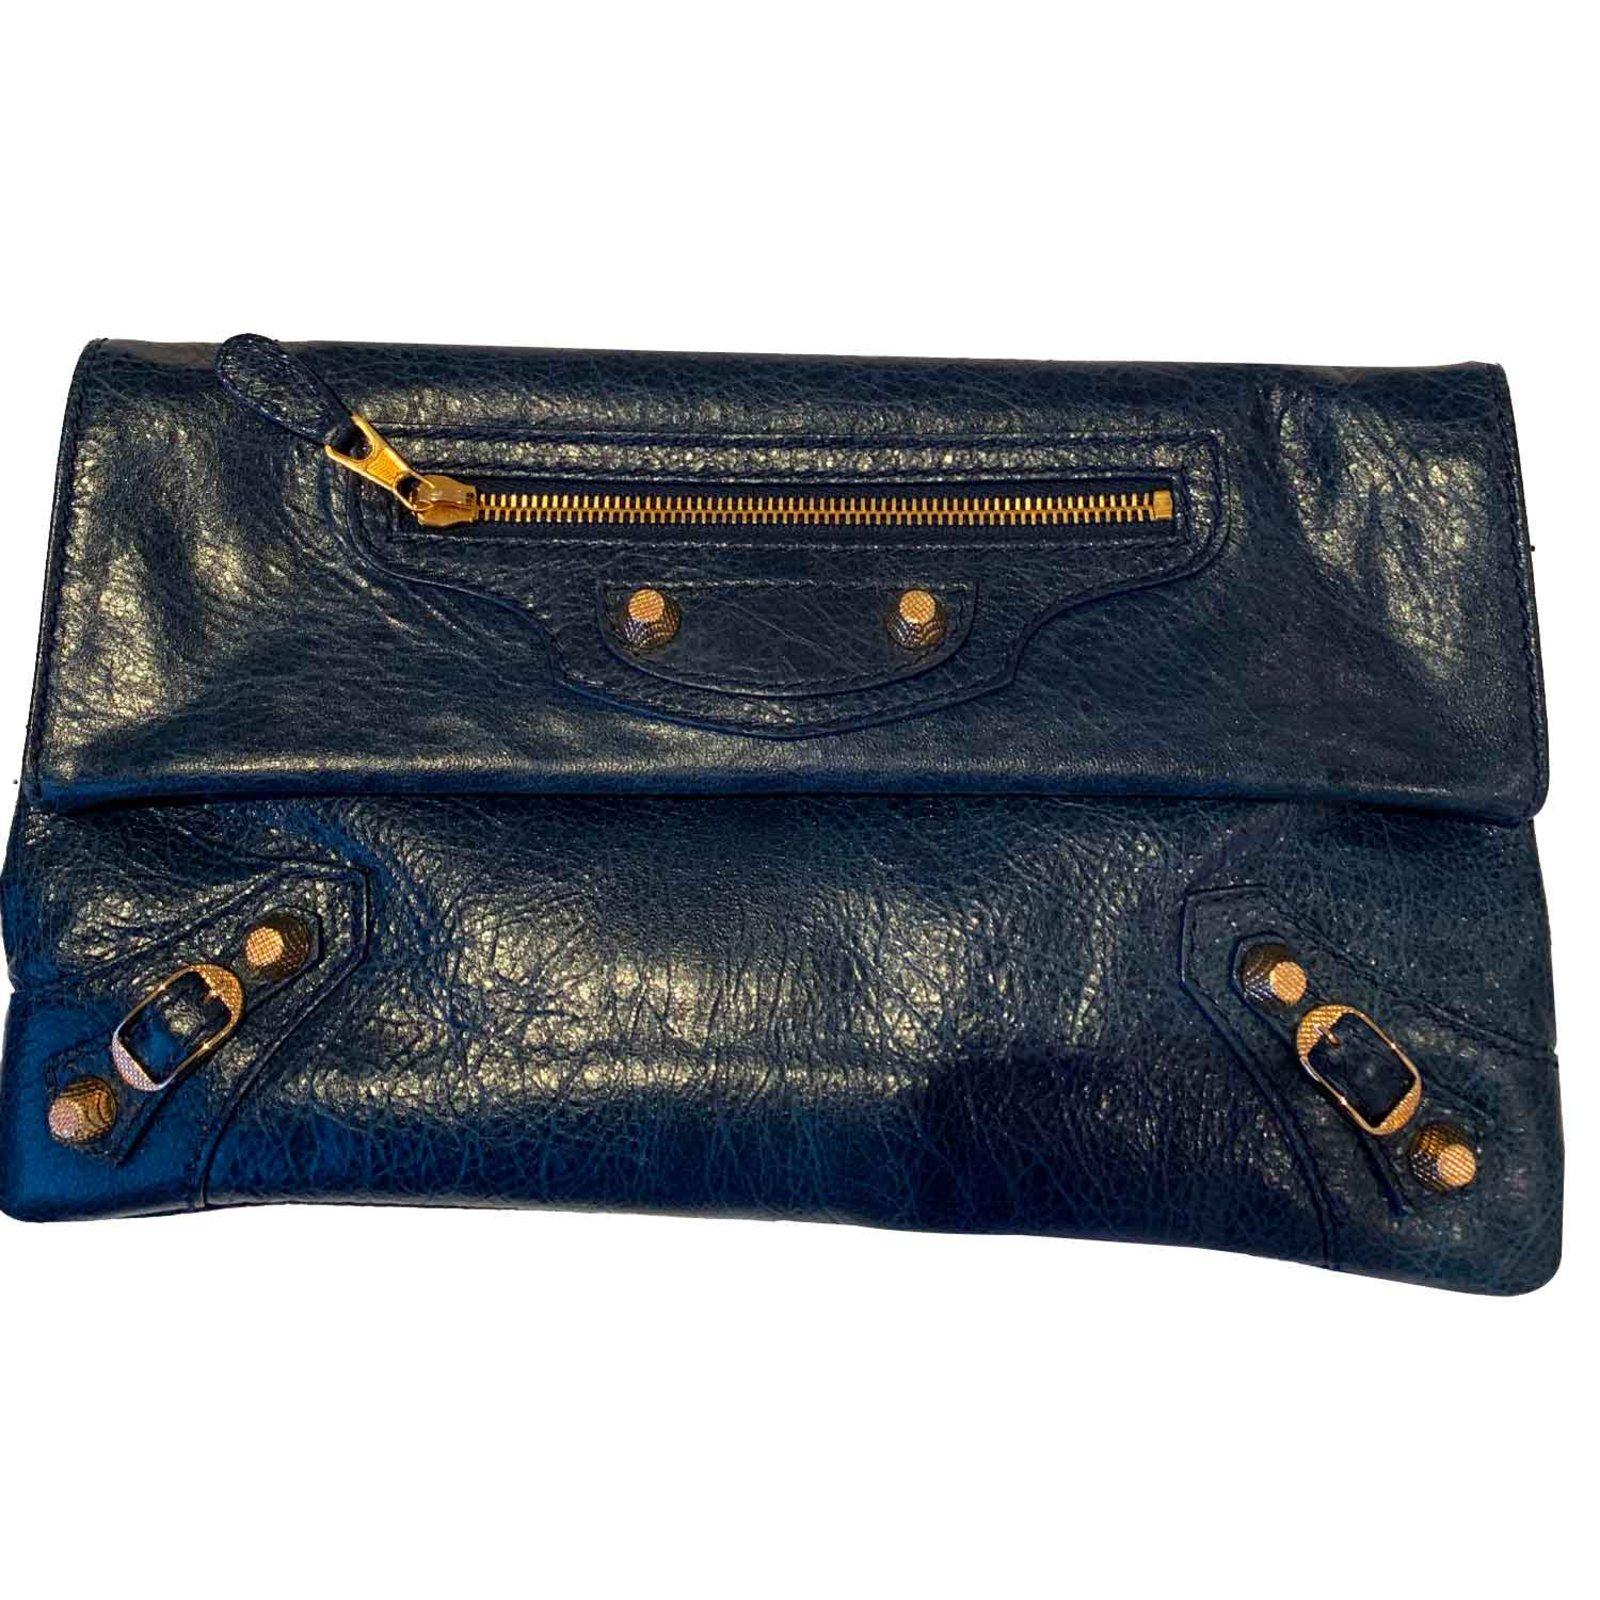 Balenciaga ENVELOPE Clutch bags Leather Dark blue ref.101657 - Joli ... b2f287f04